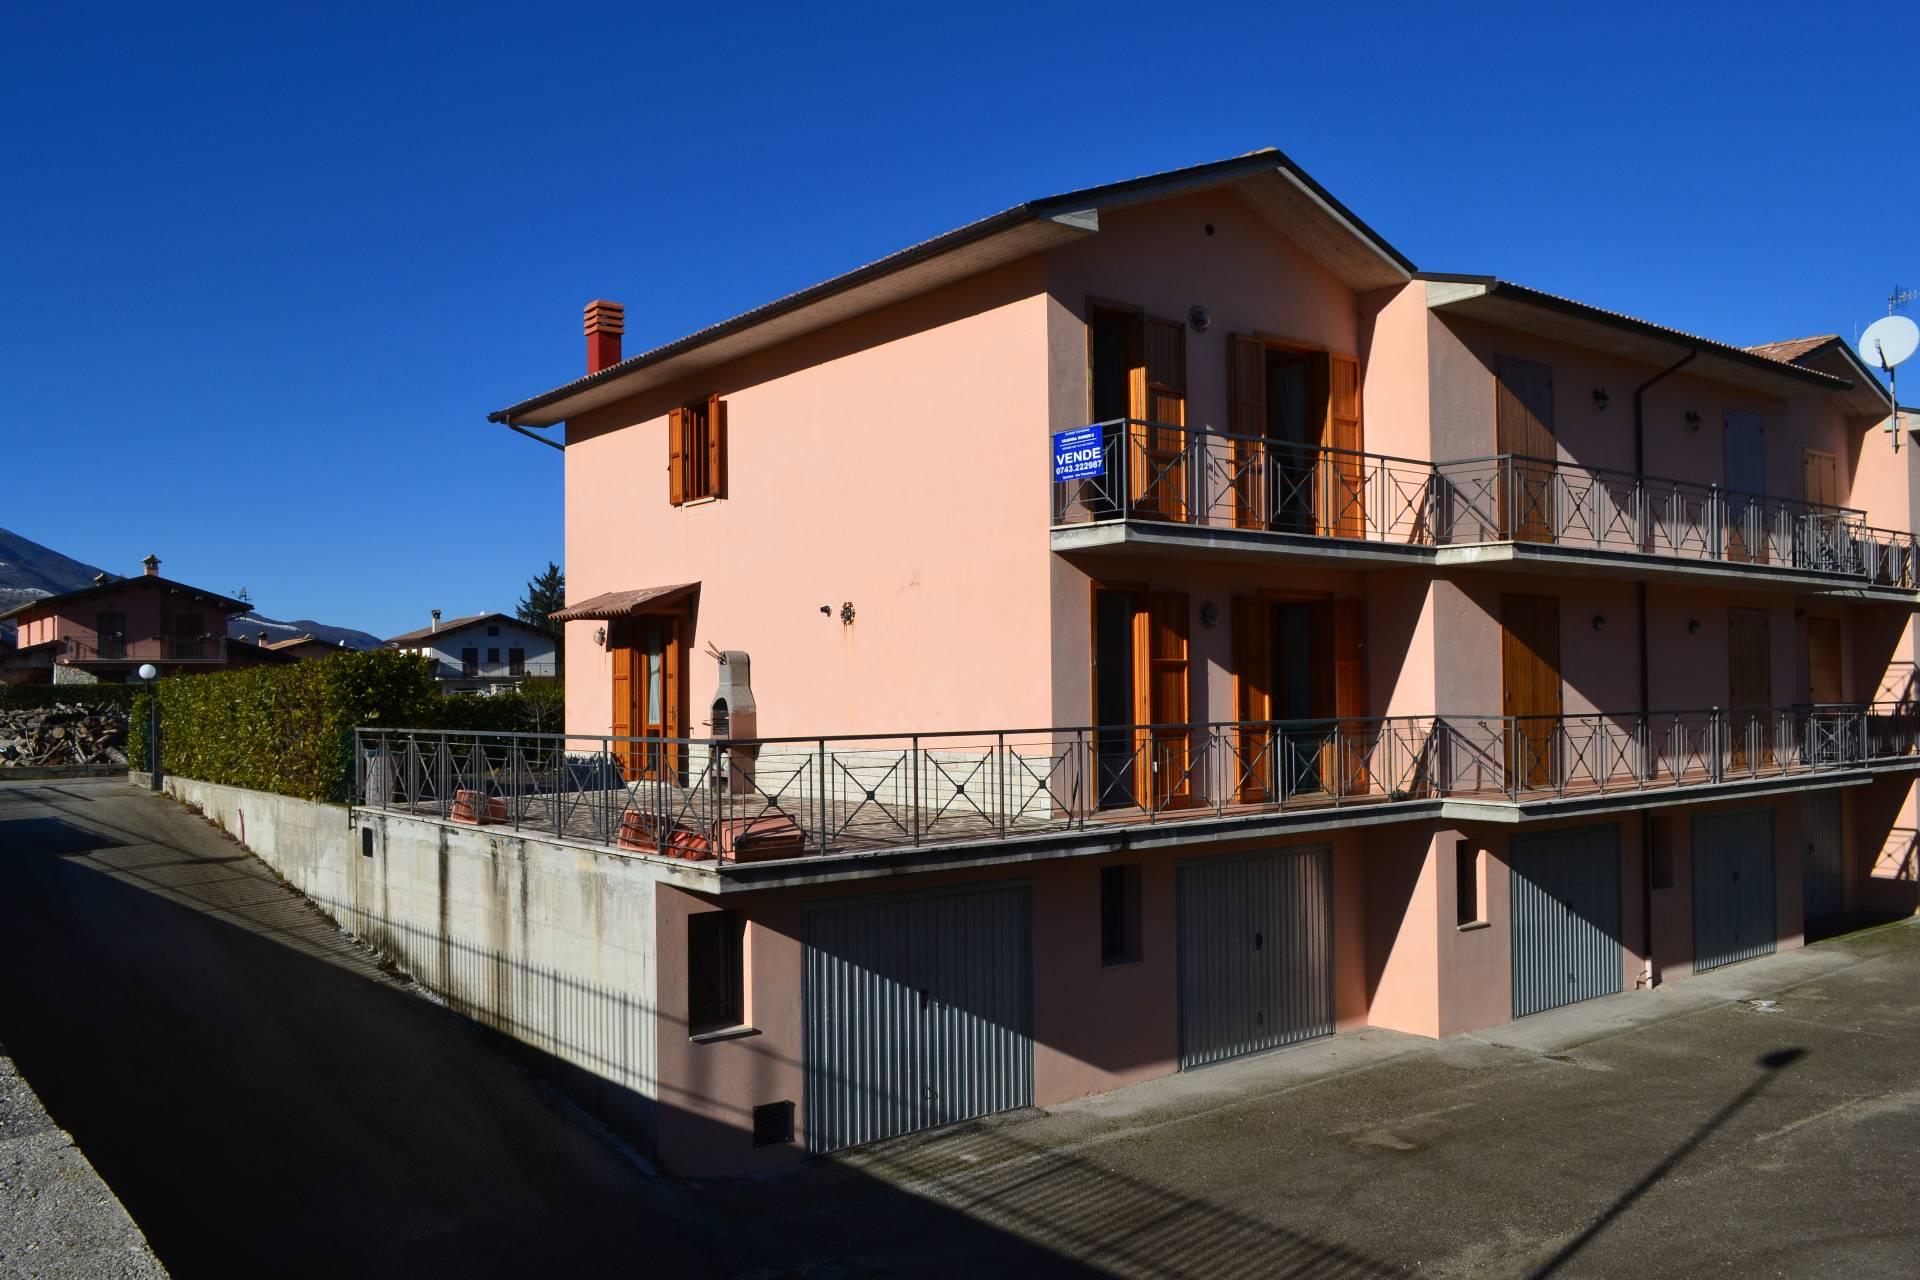 Villa a Schiera in vendita a Leonessa, 5 locali, zona Località: Leonessa, prezzo € 190.000 | Cambio Casa.it